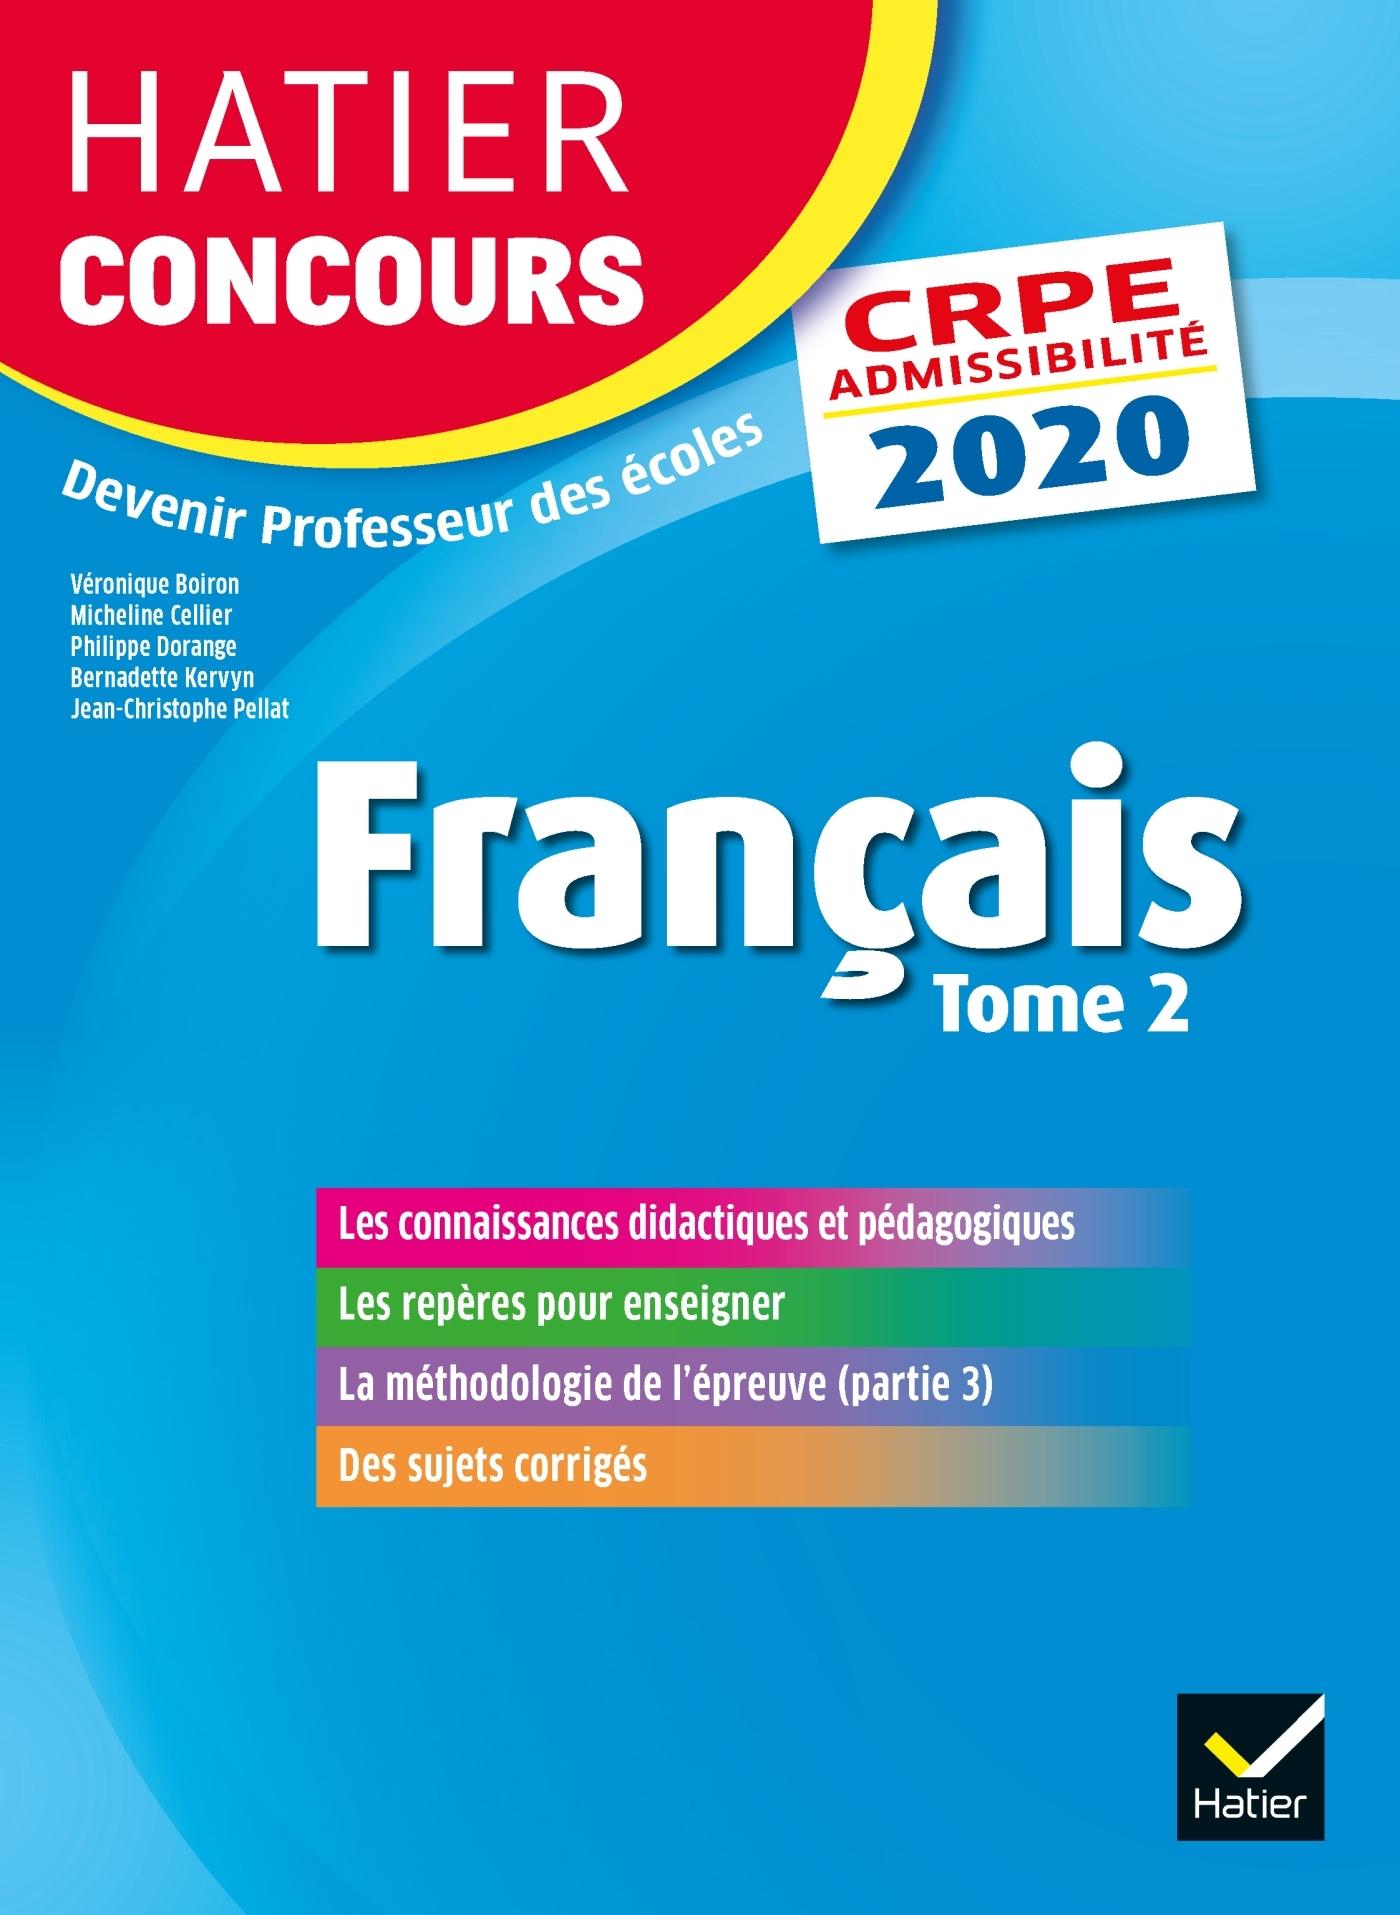 FRANCAIS TOME 2 - CRPE 2020 - EPREUVE ECRITE D'ADMISSIBILITE